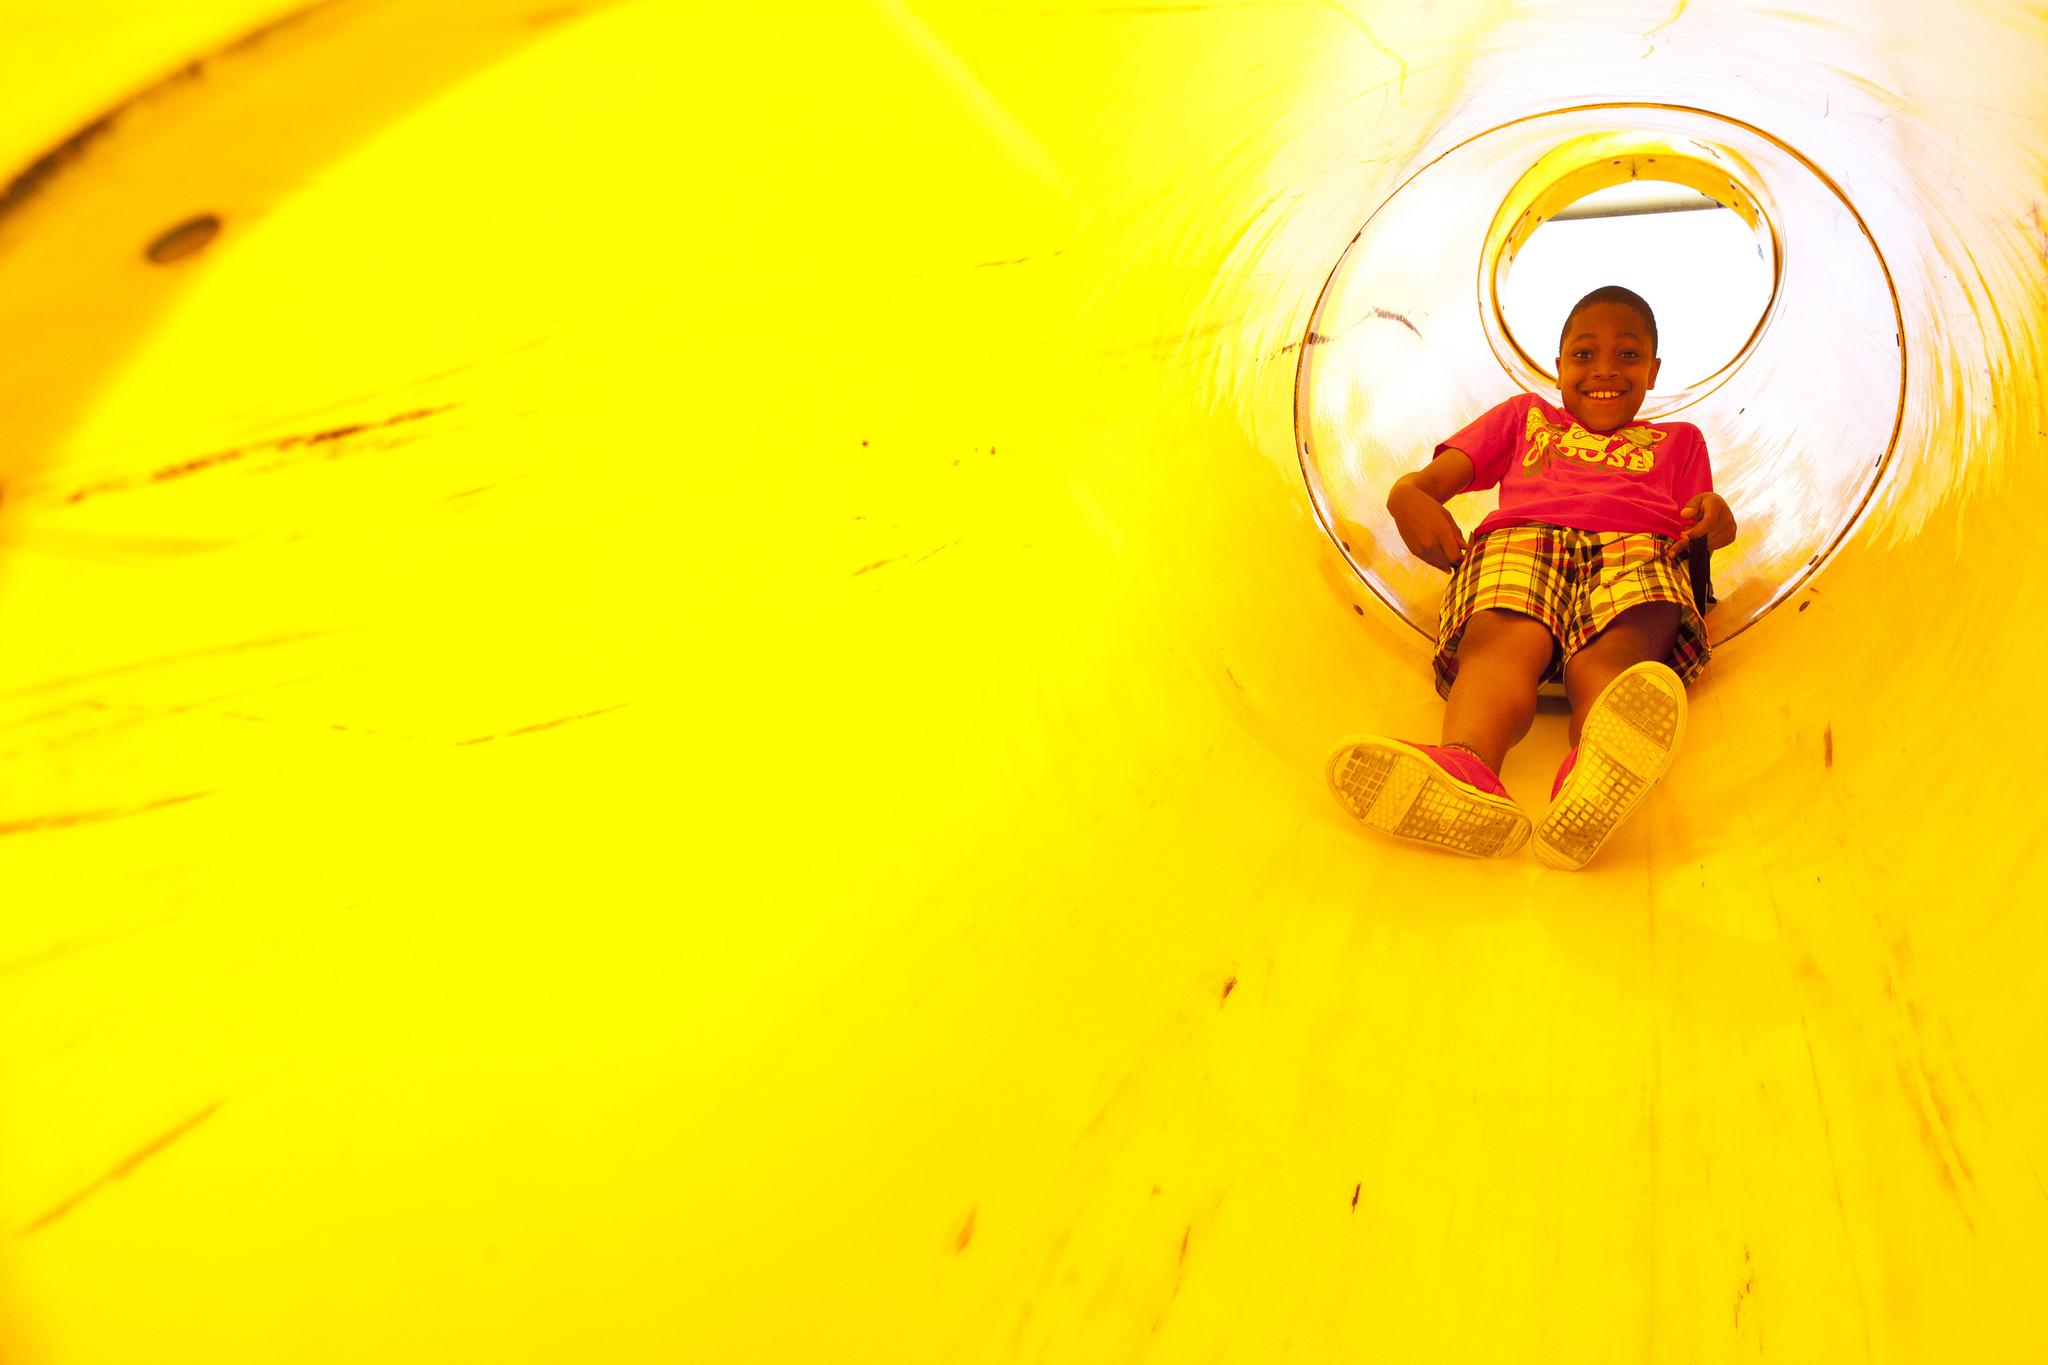 playground_nysci